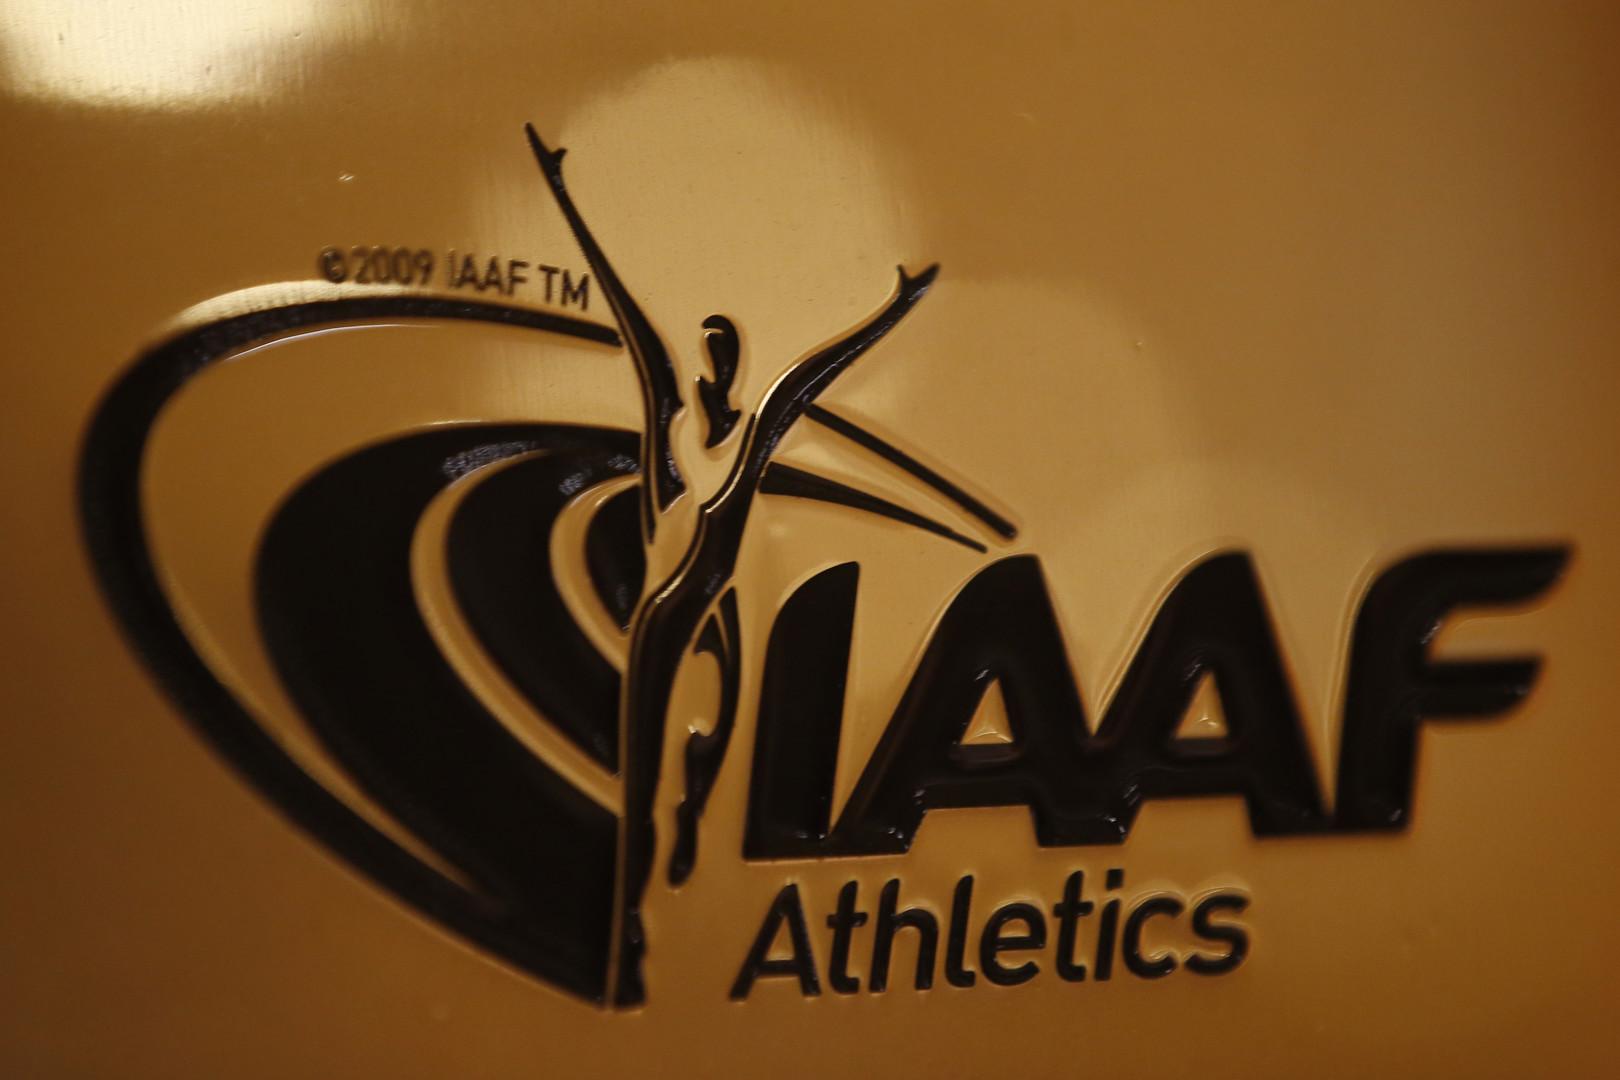 Российские легкоатлеты отстранены от Олимпиады в Рио